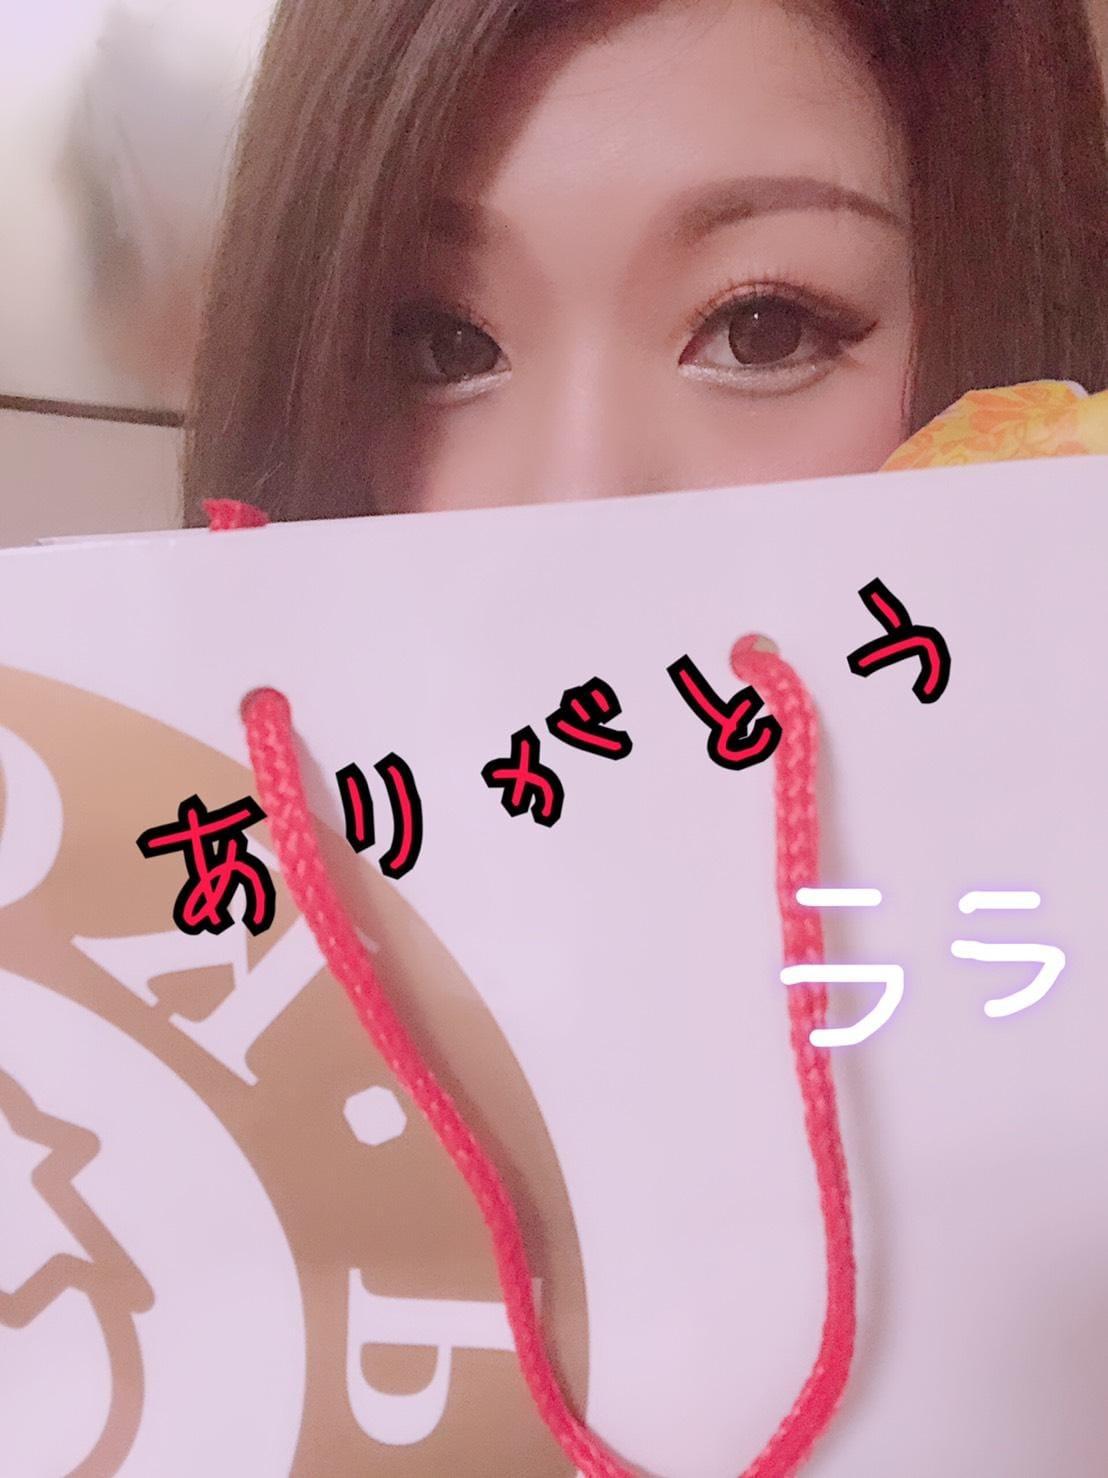 「仲良し様ありがとう☆お礼」10/08(月) 00:38 | らら(きれい系)の写メ・風俗動画